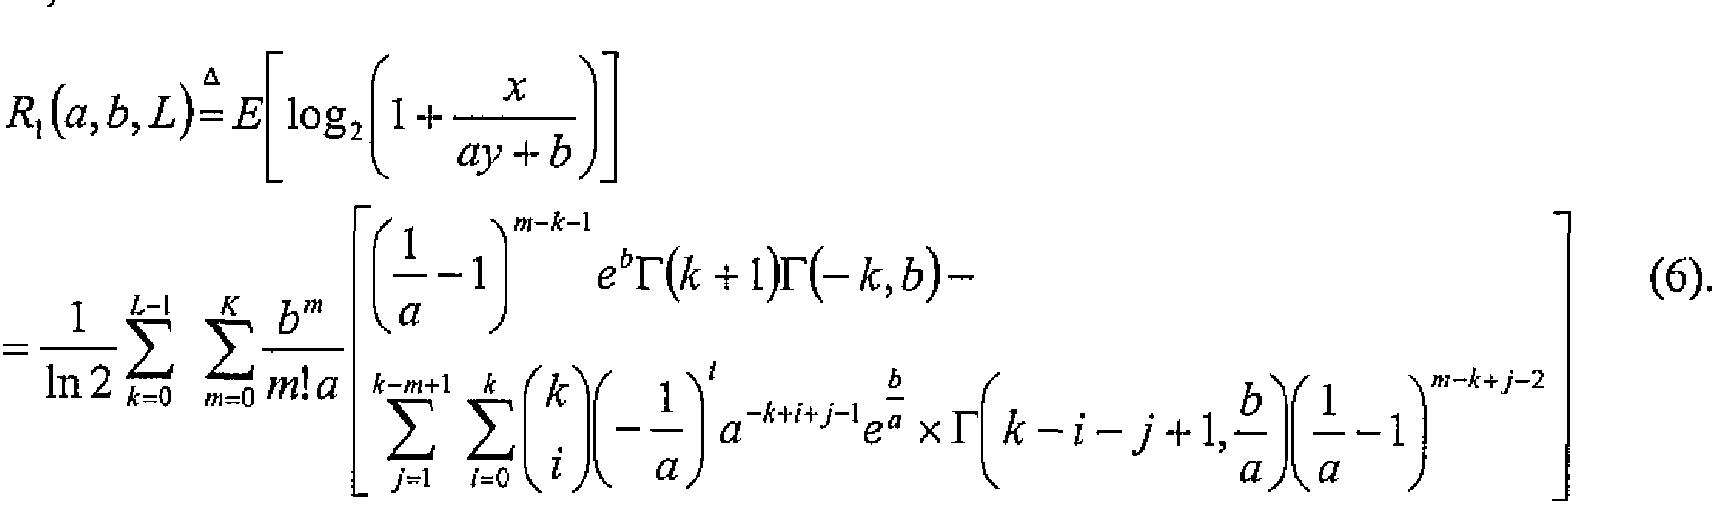 Figure imgf000011_0005